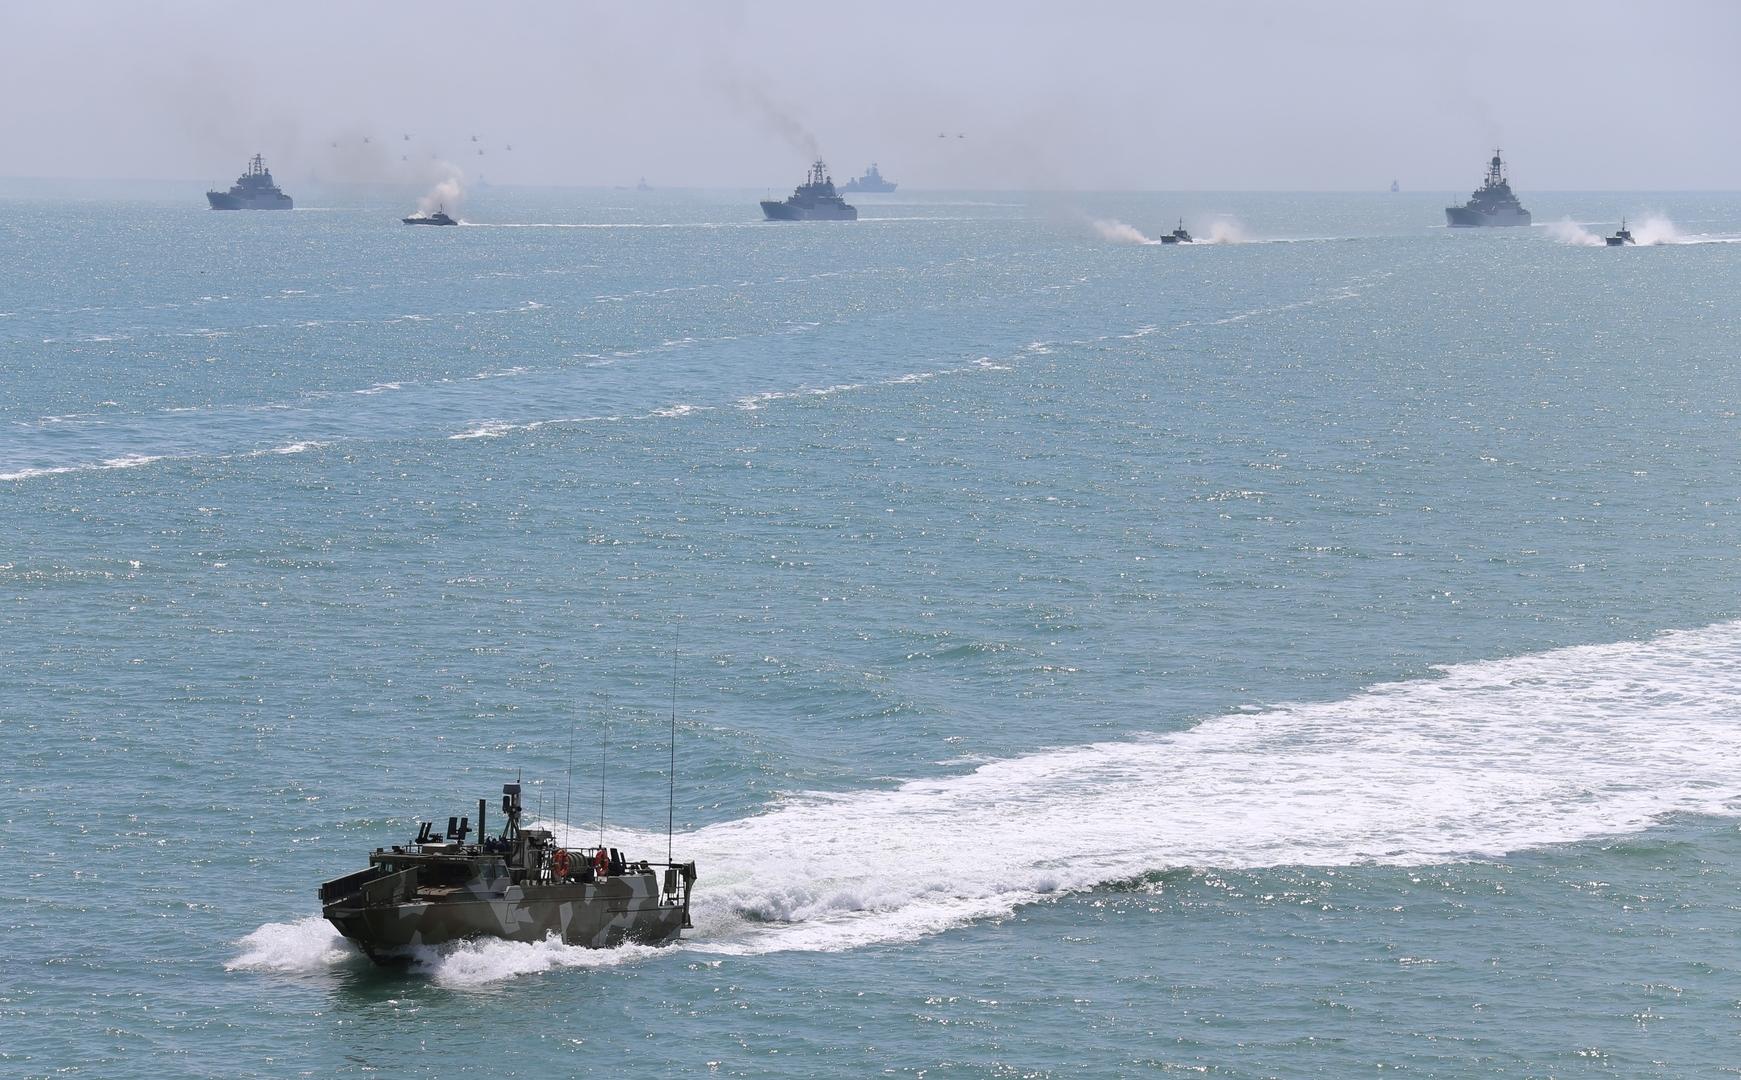 محلل أمريكي: لا مؤشرات على إمكانية انتصار الناتو على روسيا في البحر الأسود